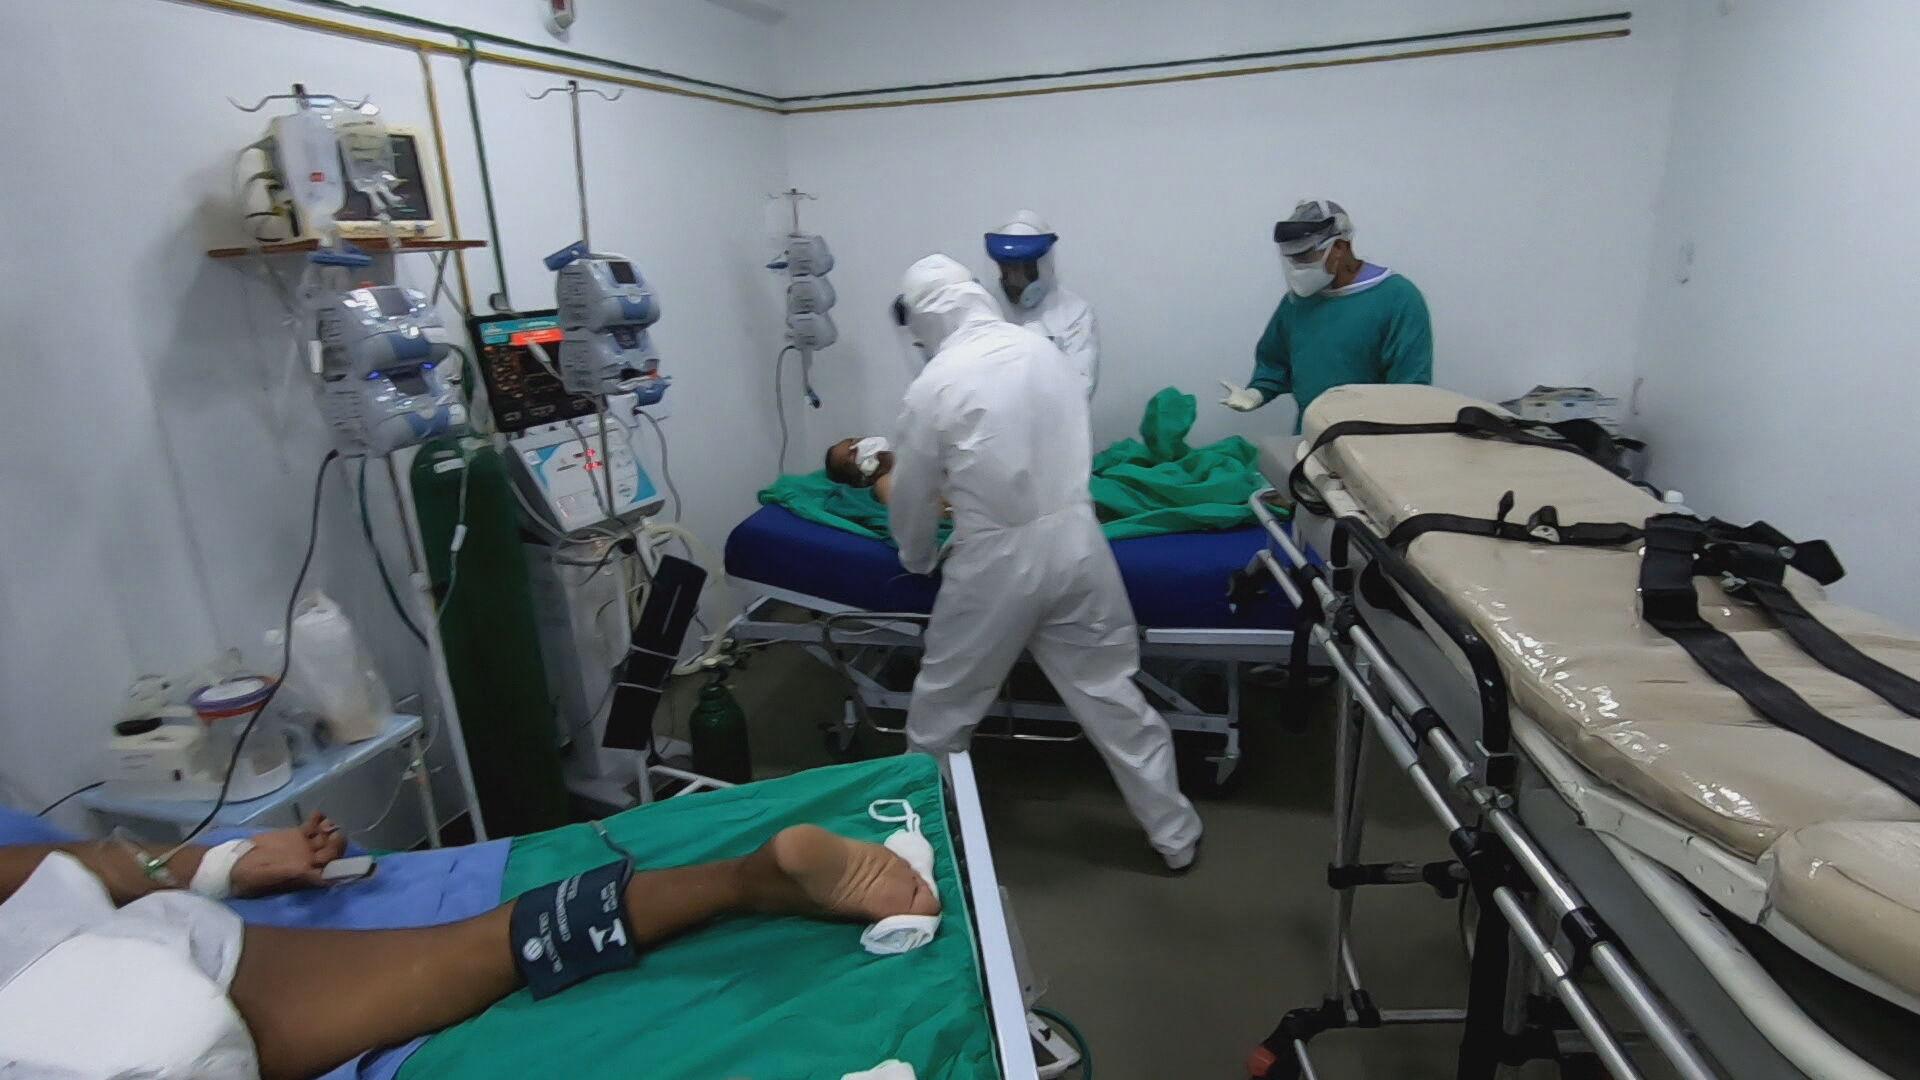 Luta pela vida nos hospitais do Amazonas no tratamento a pacientes com COVID-19